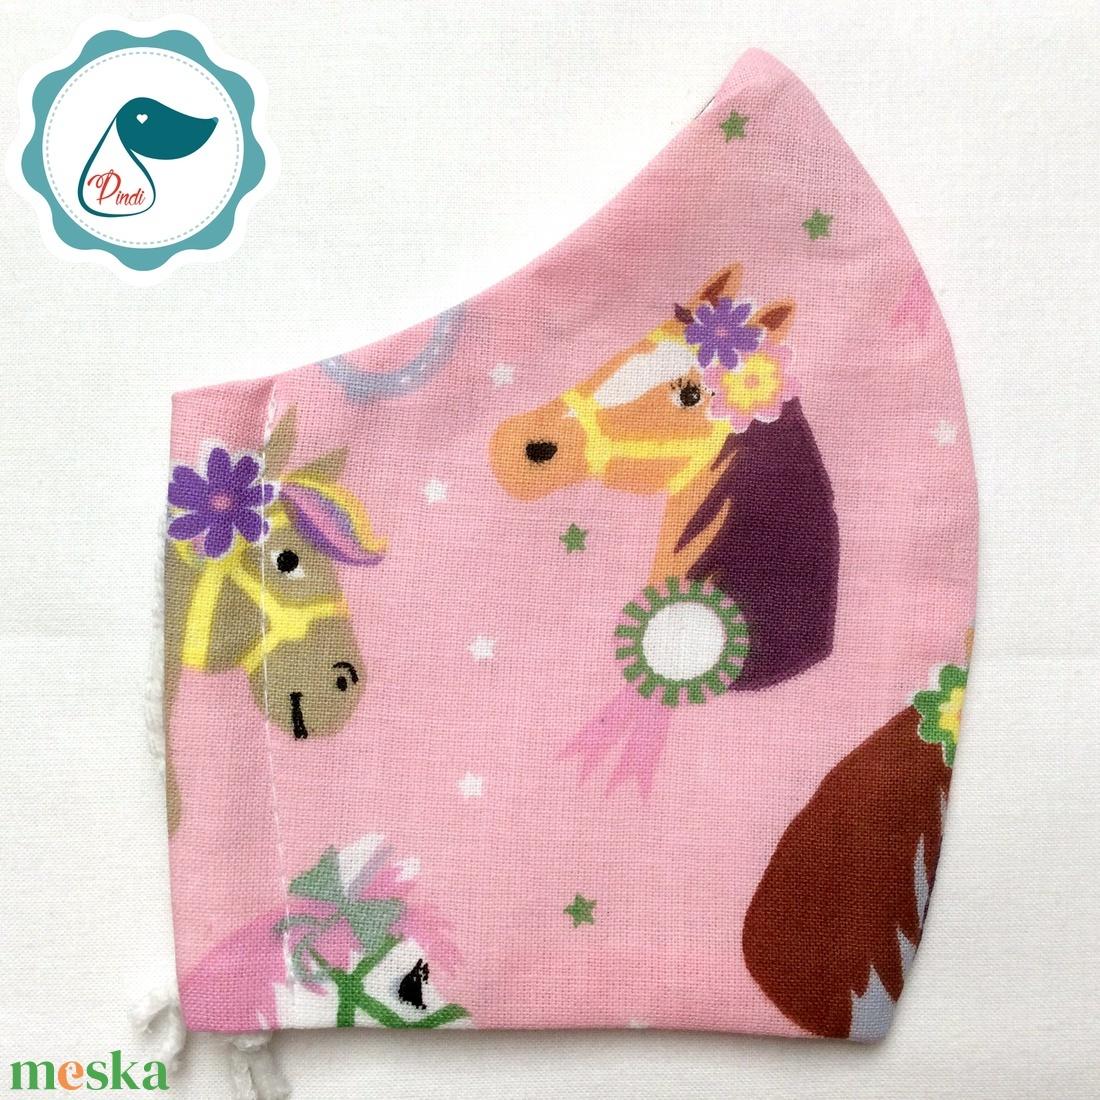 Egyedi  maszk -  kiskamasz szájmaszk - textil szájmaszk - egészségügyi szájmaszk - mosható szájmaszk - maszk, arcmaszk - gyerek - Meska.hu